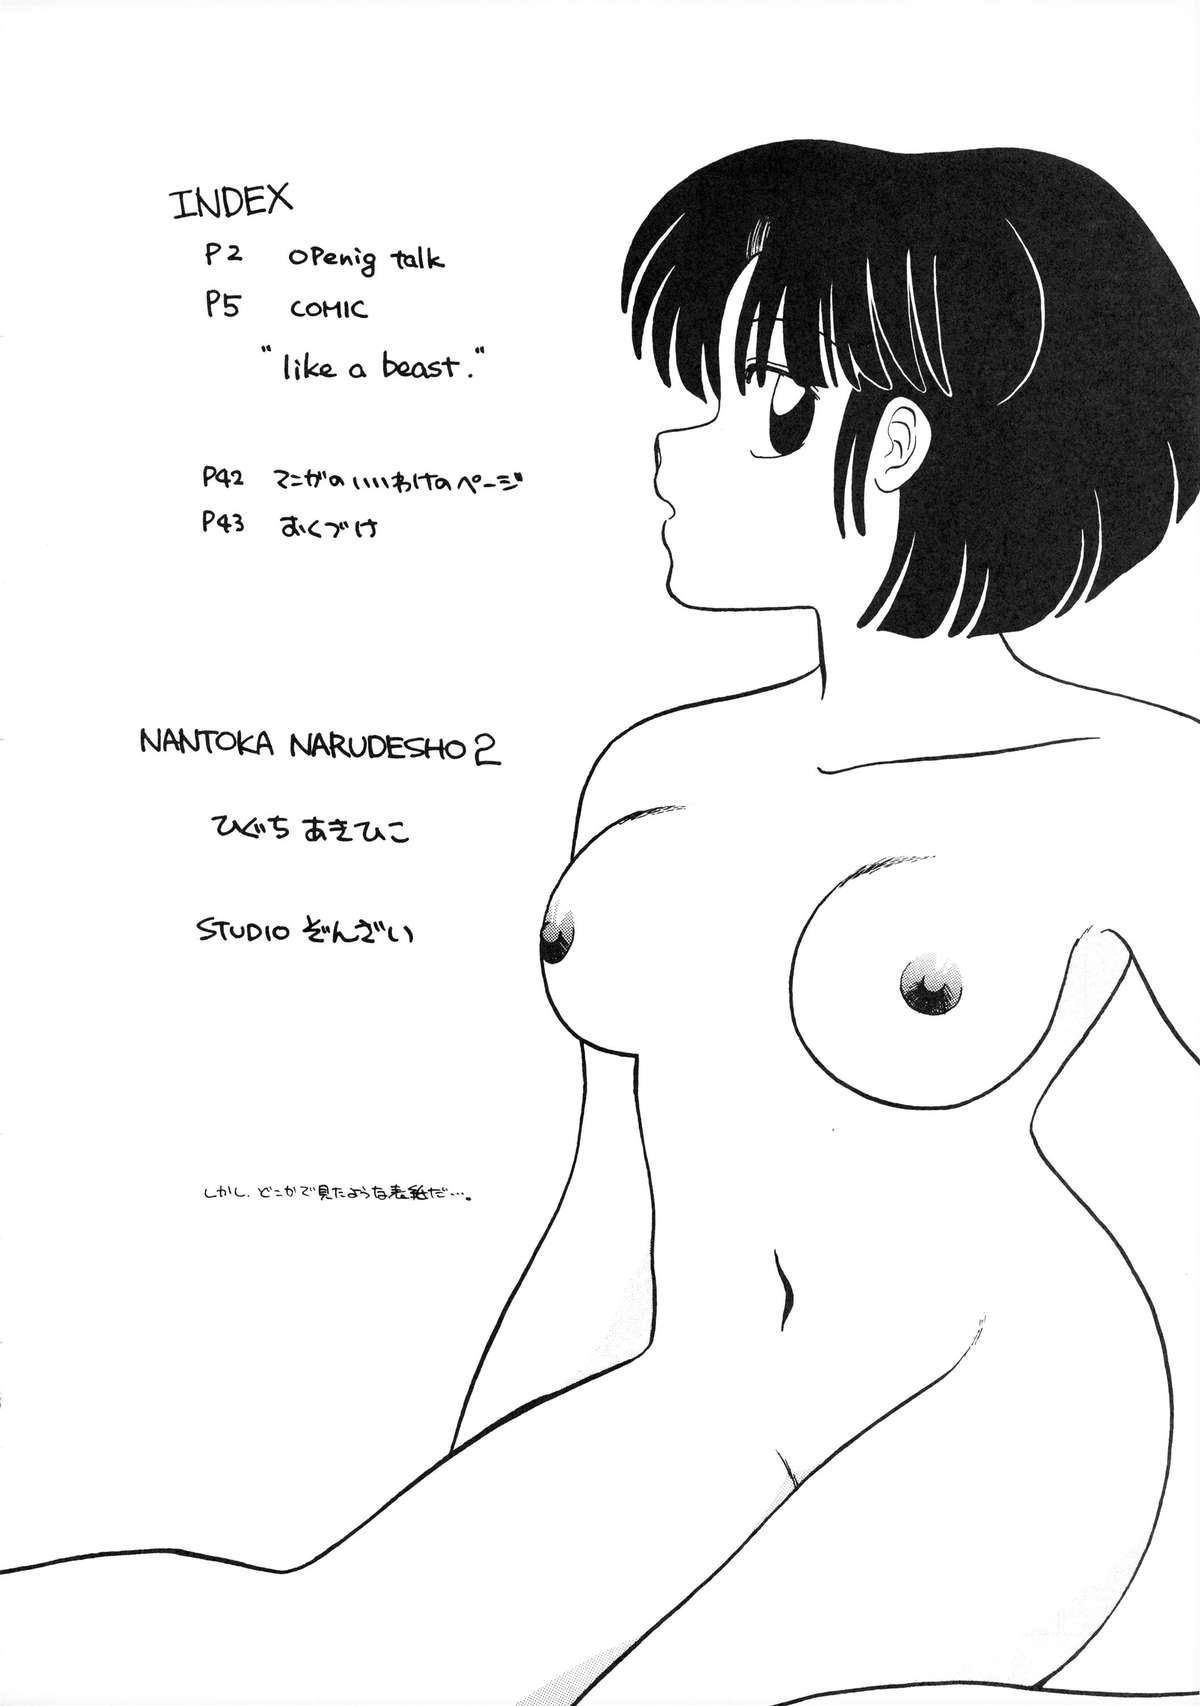 NANTOKA NARUDESHO! 2 3